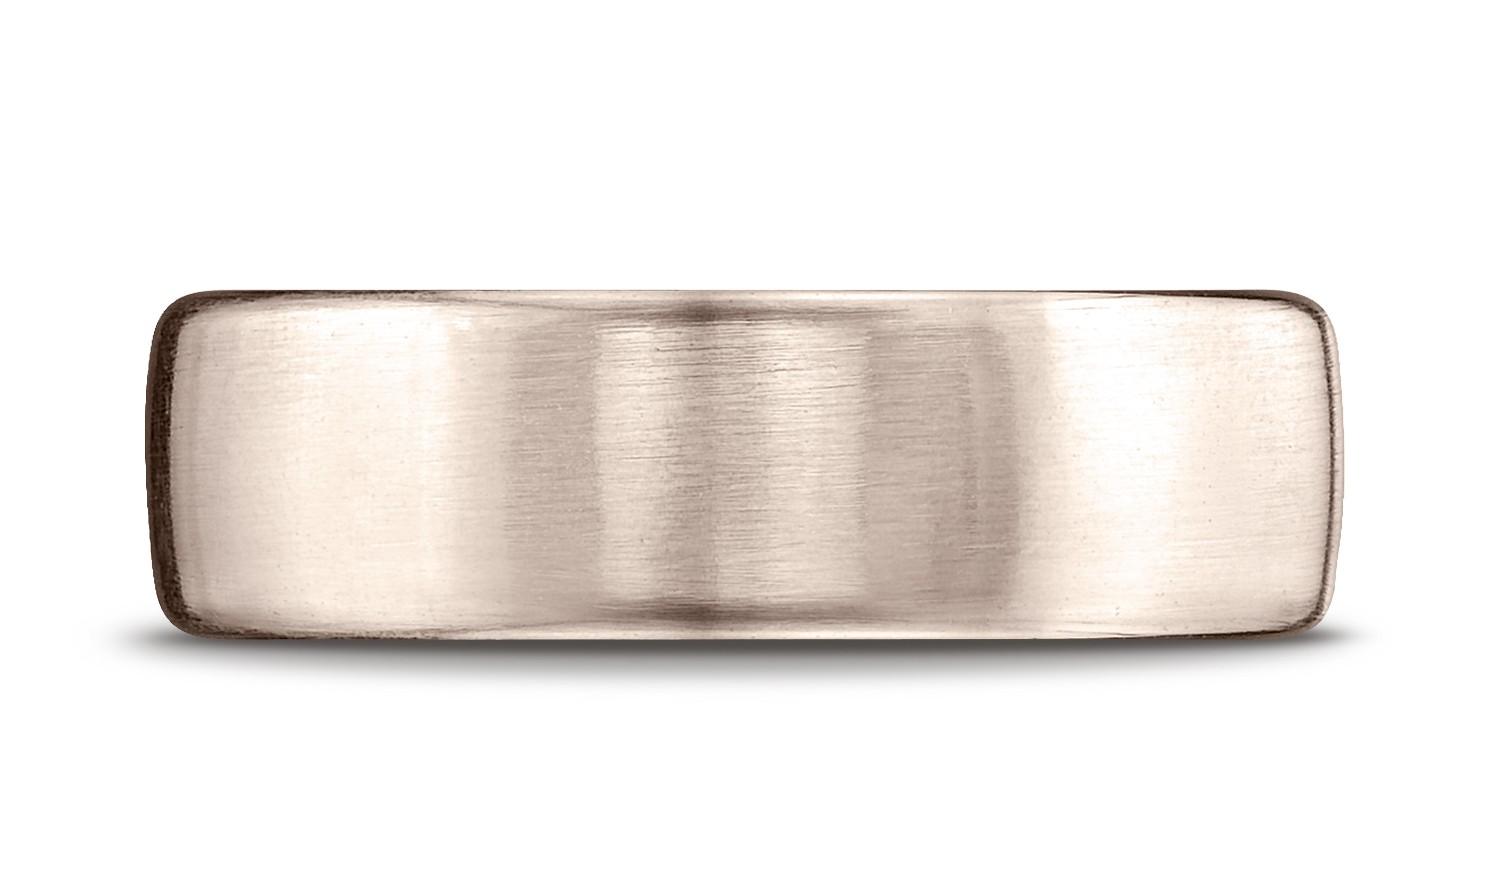 14k Rose Gold 7.5mm Comfort-fit Satin Finish Design Band